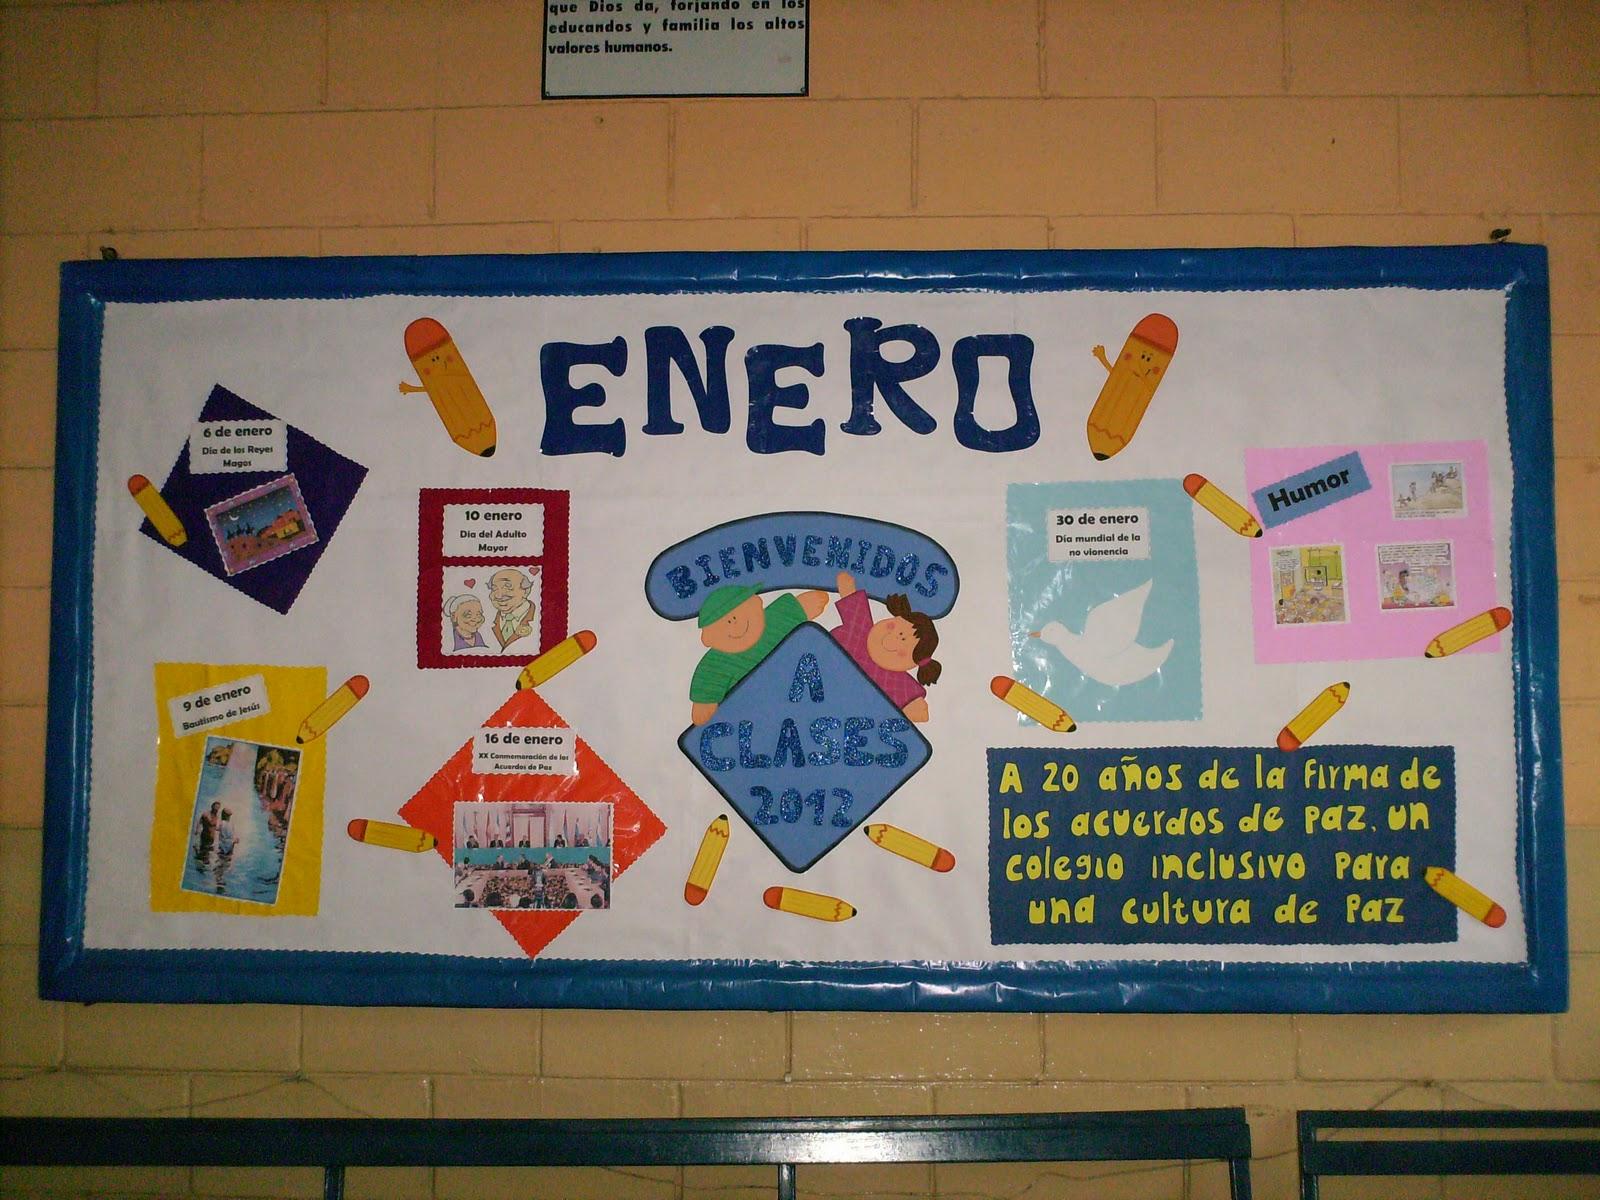 Periodico mura enero 2 imagenes educativas for Q es periodico mural